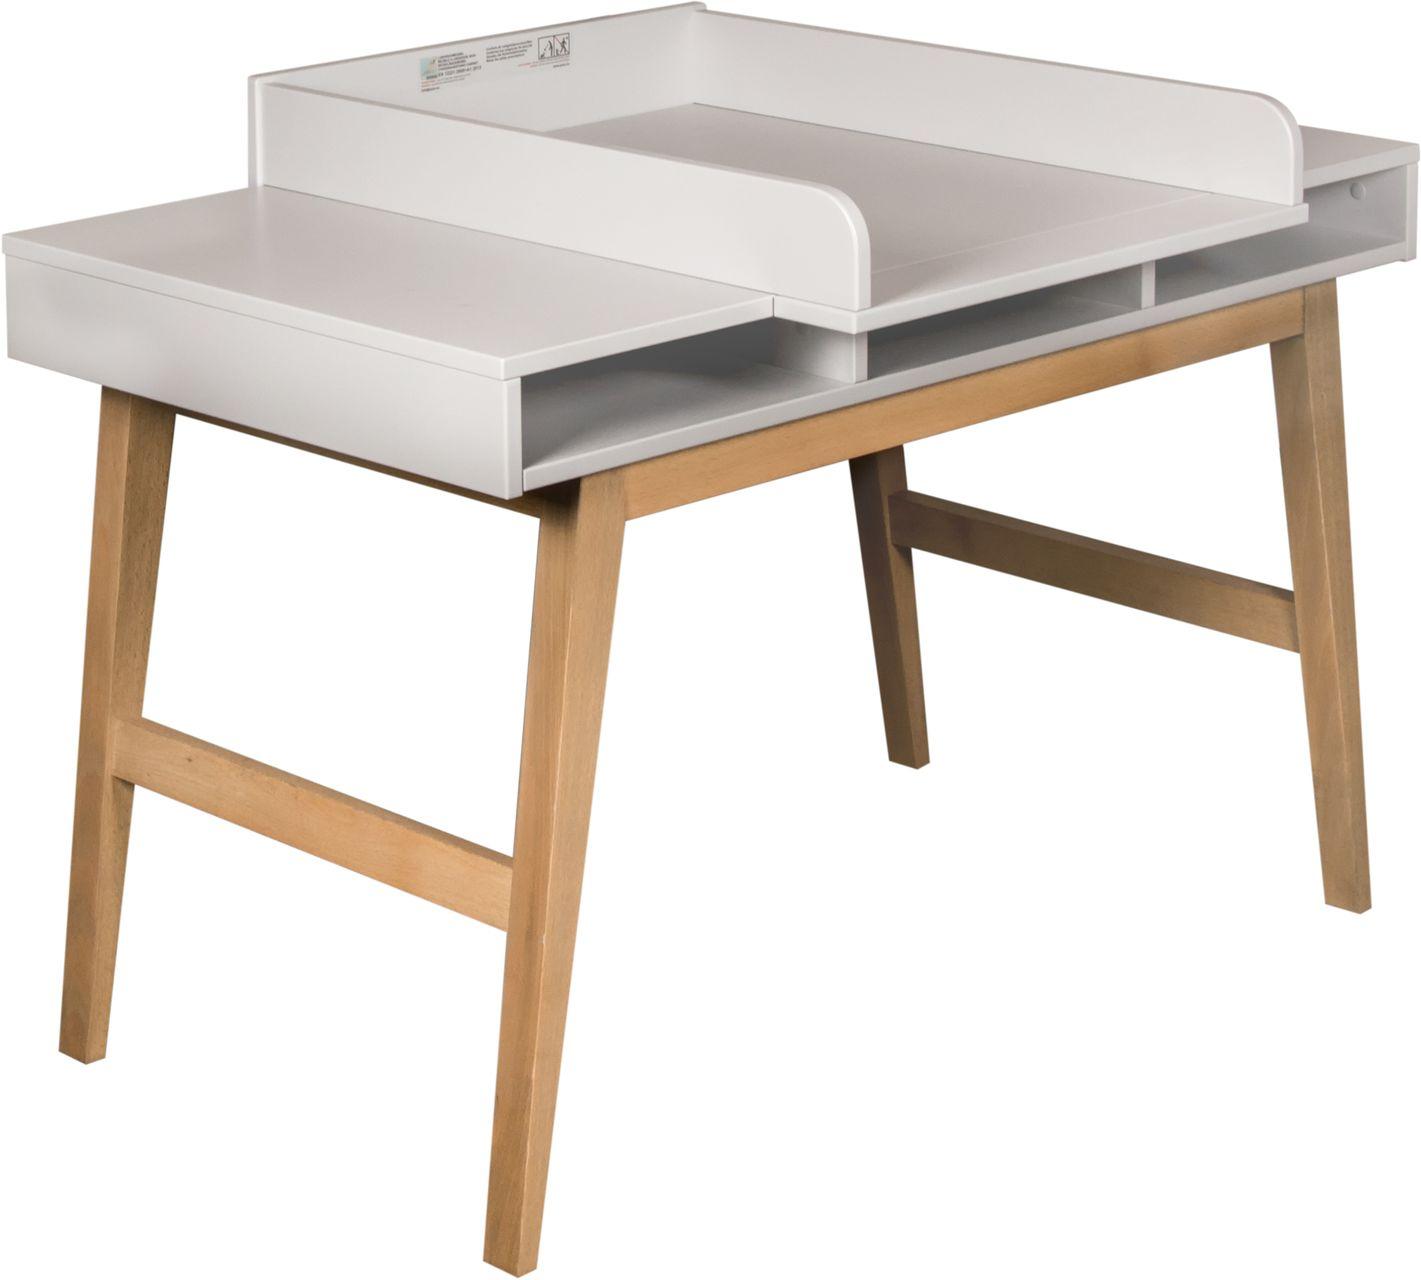 Quax Trendy Schreibtisch mit Wickelfunktion in Berlin kaufen - Kleine Fabriek